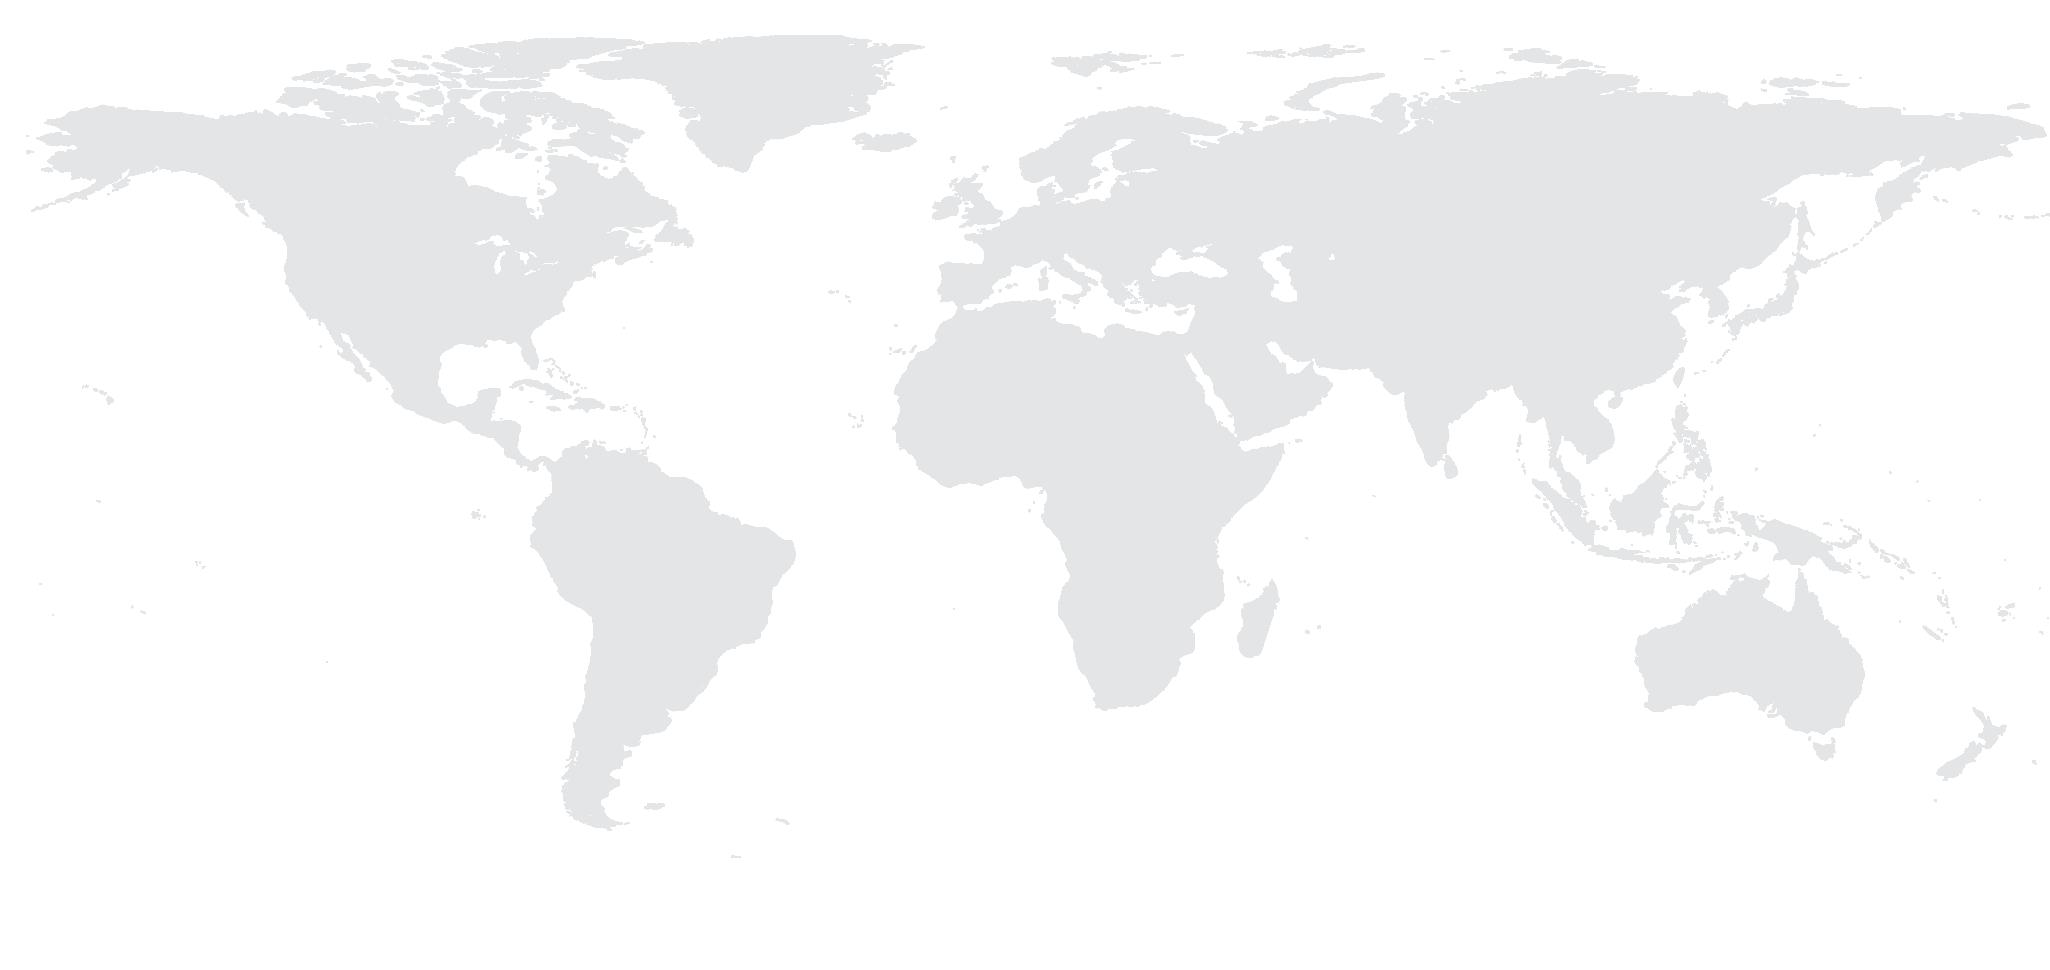 World map white icon